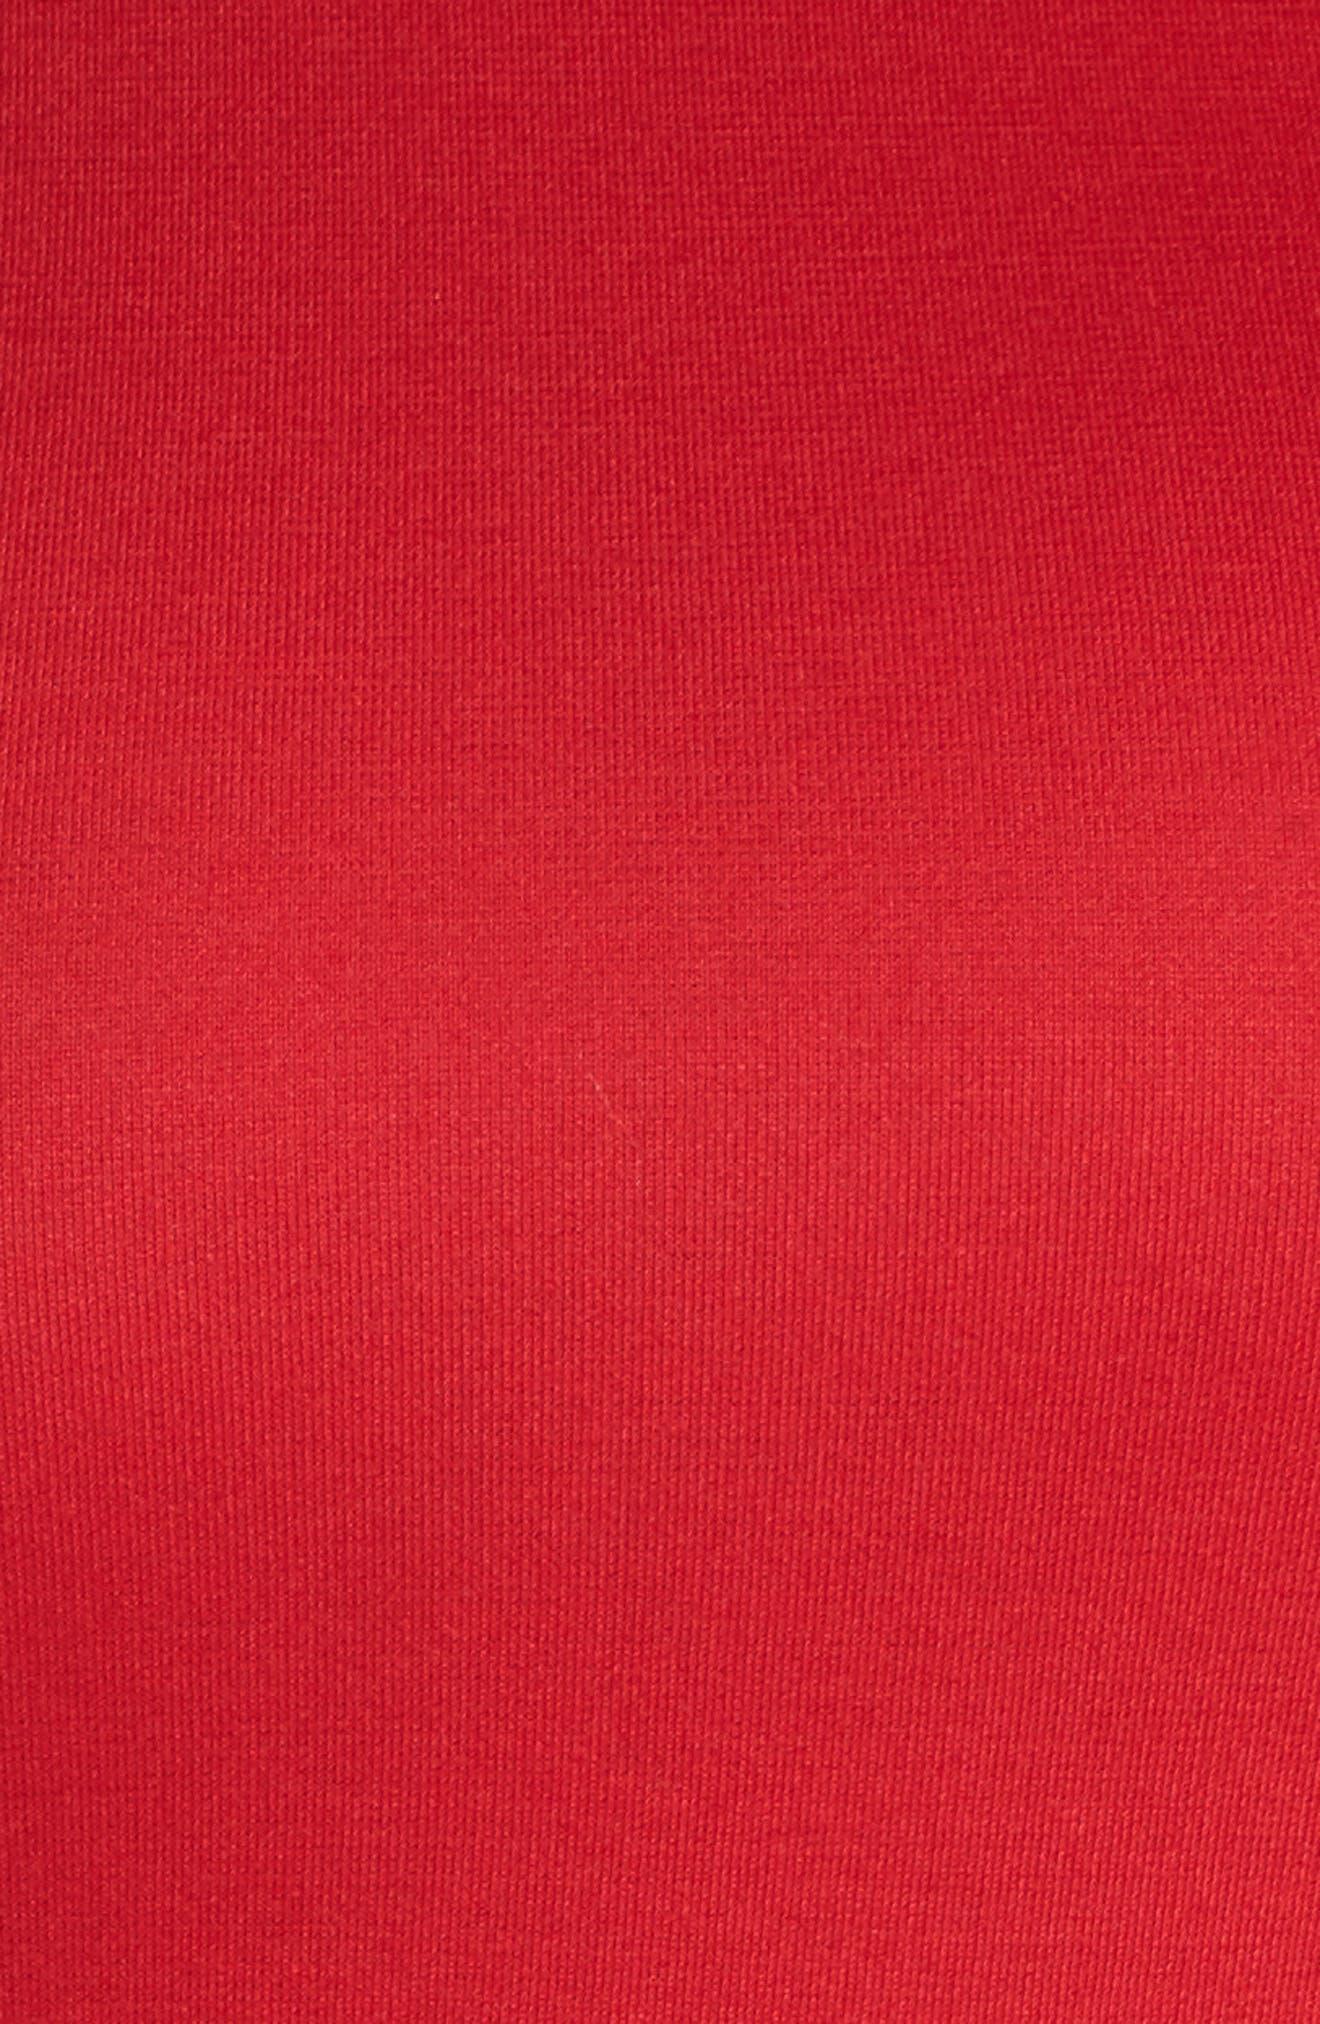 Frill Sleeve Cold Shoulder Skater Dress,                             Alternate thumbnail 5, color,